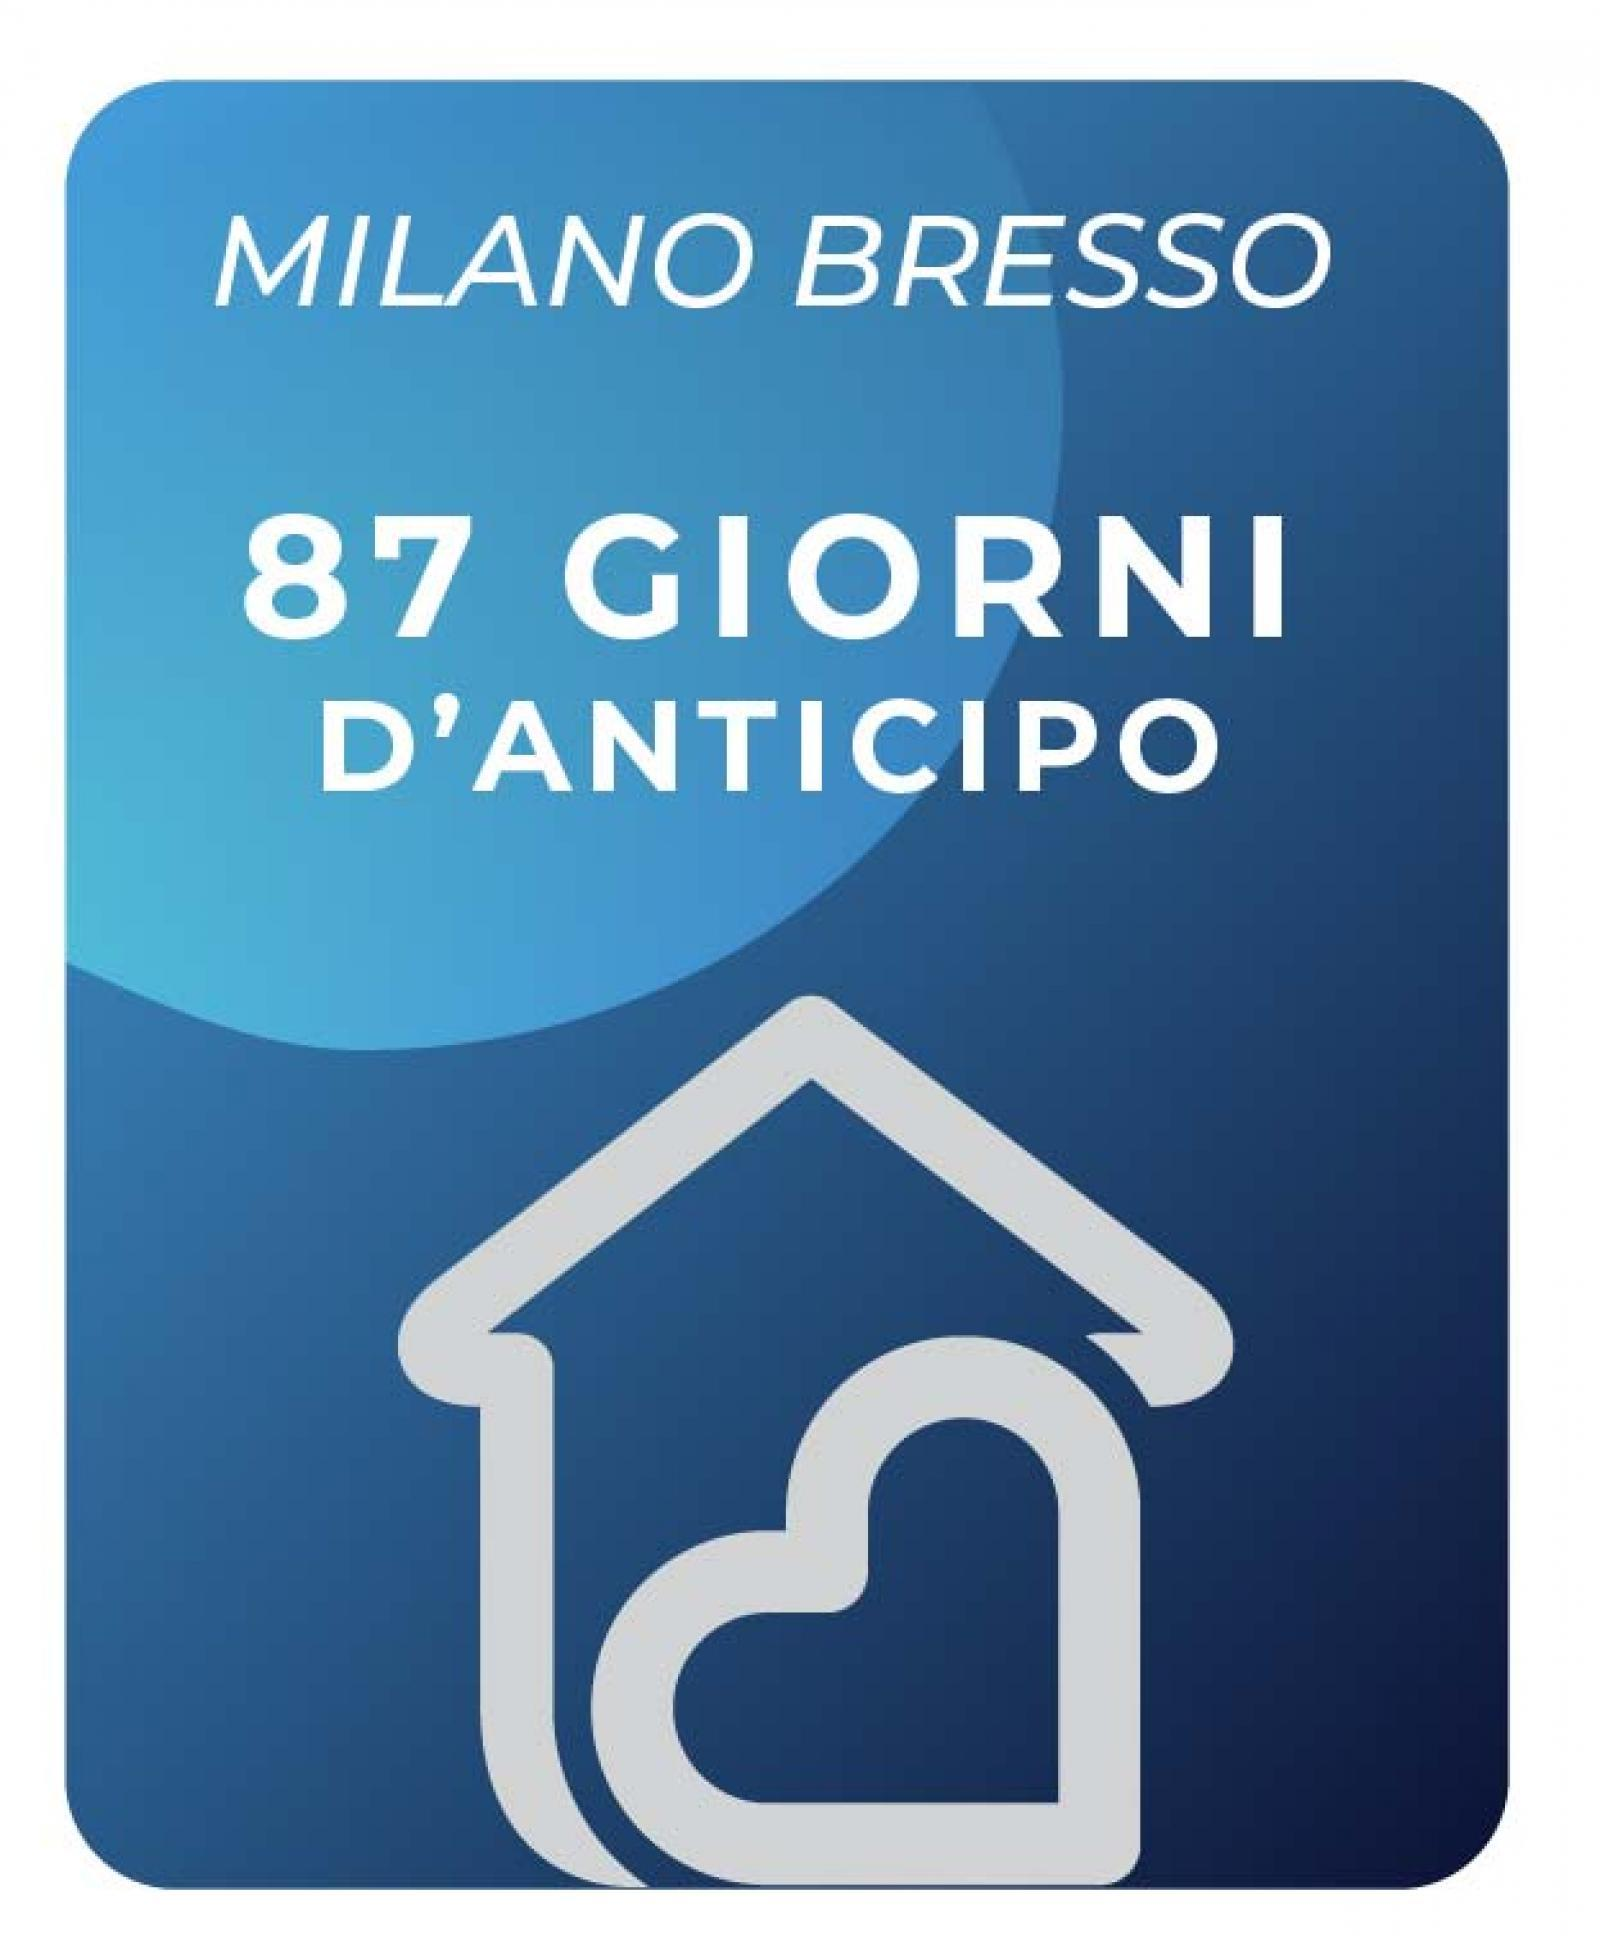 Milano Bresso